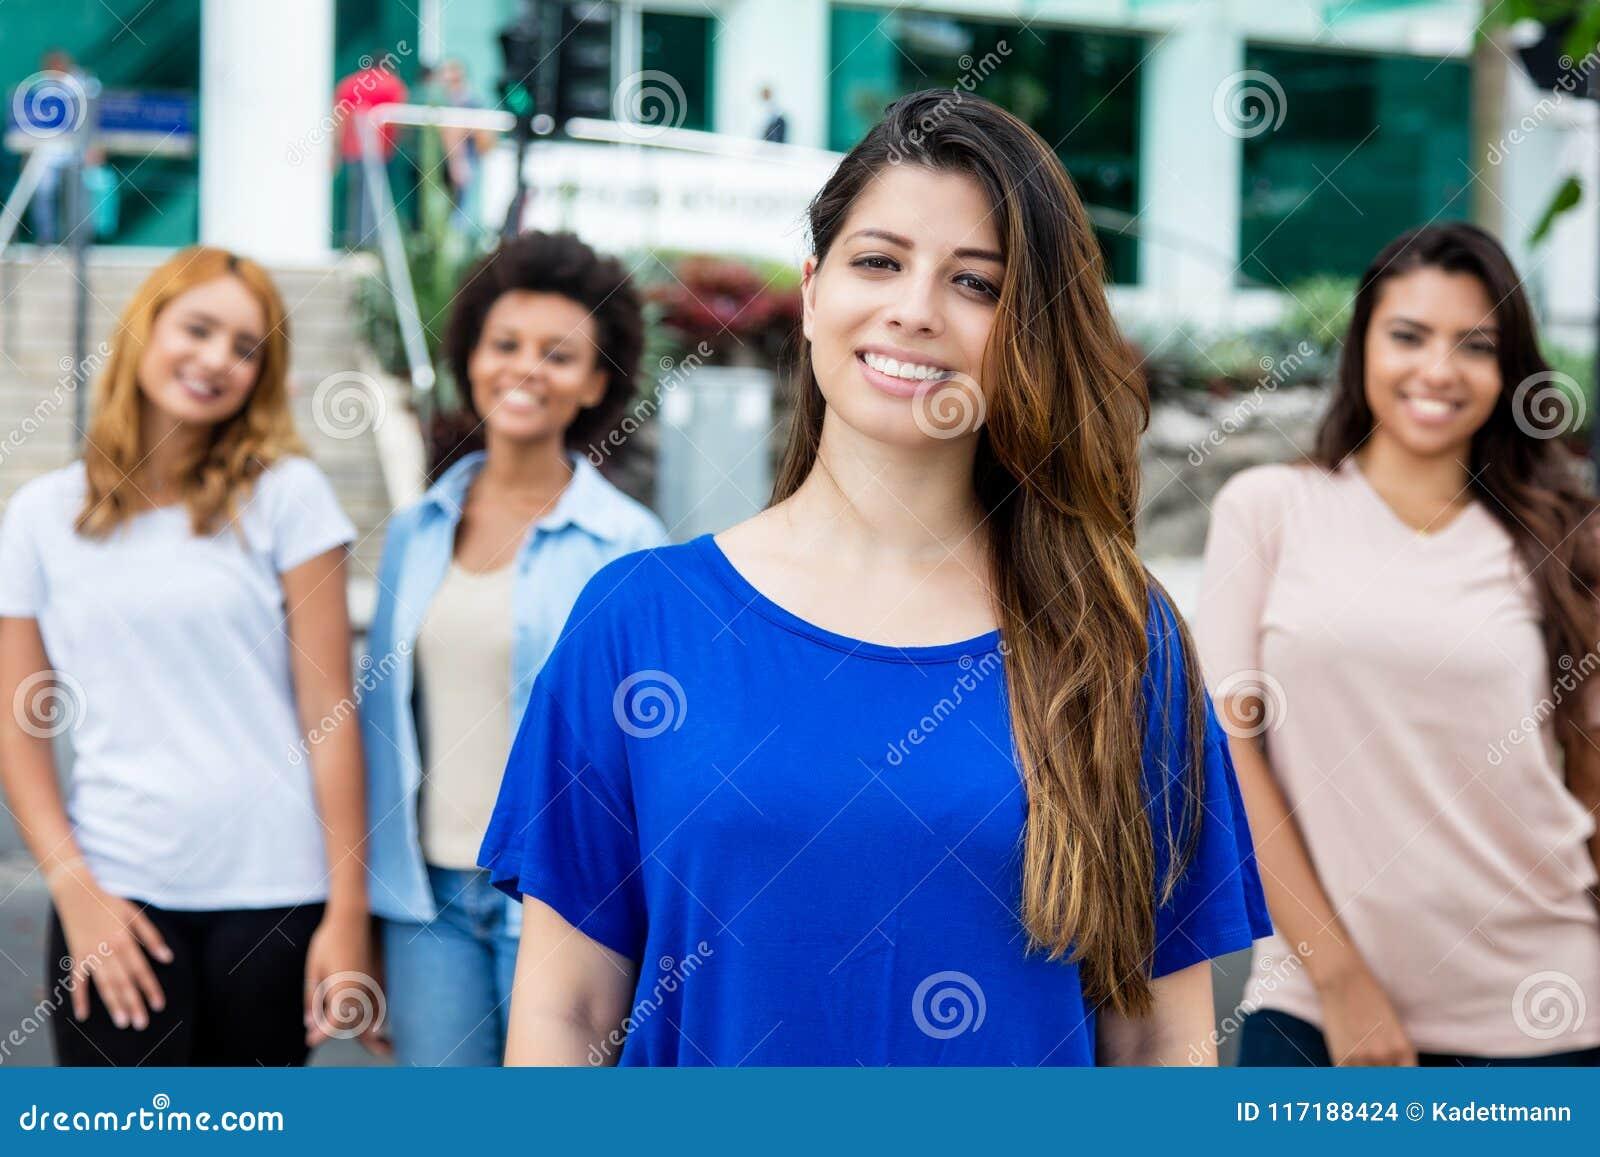 Latynoska kobieta z łacińskimi, latynoskimi i afrykańskimi dziewczynami